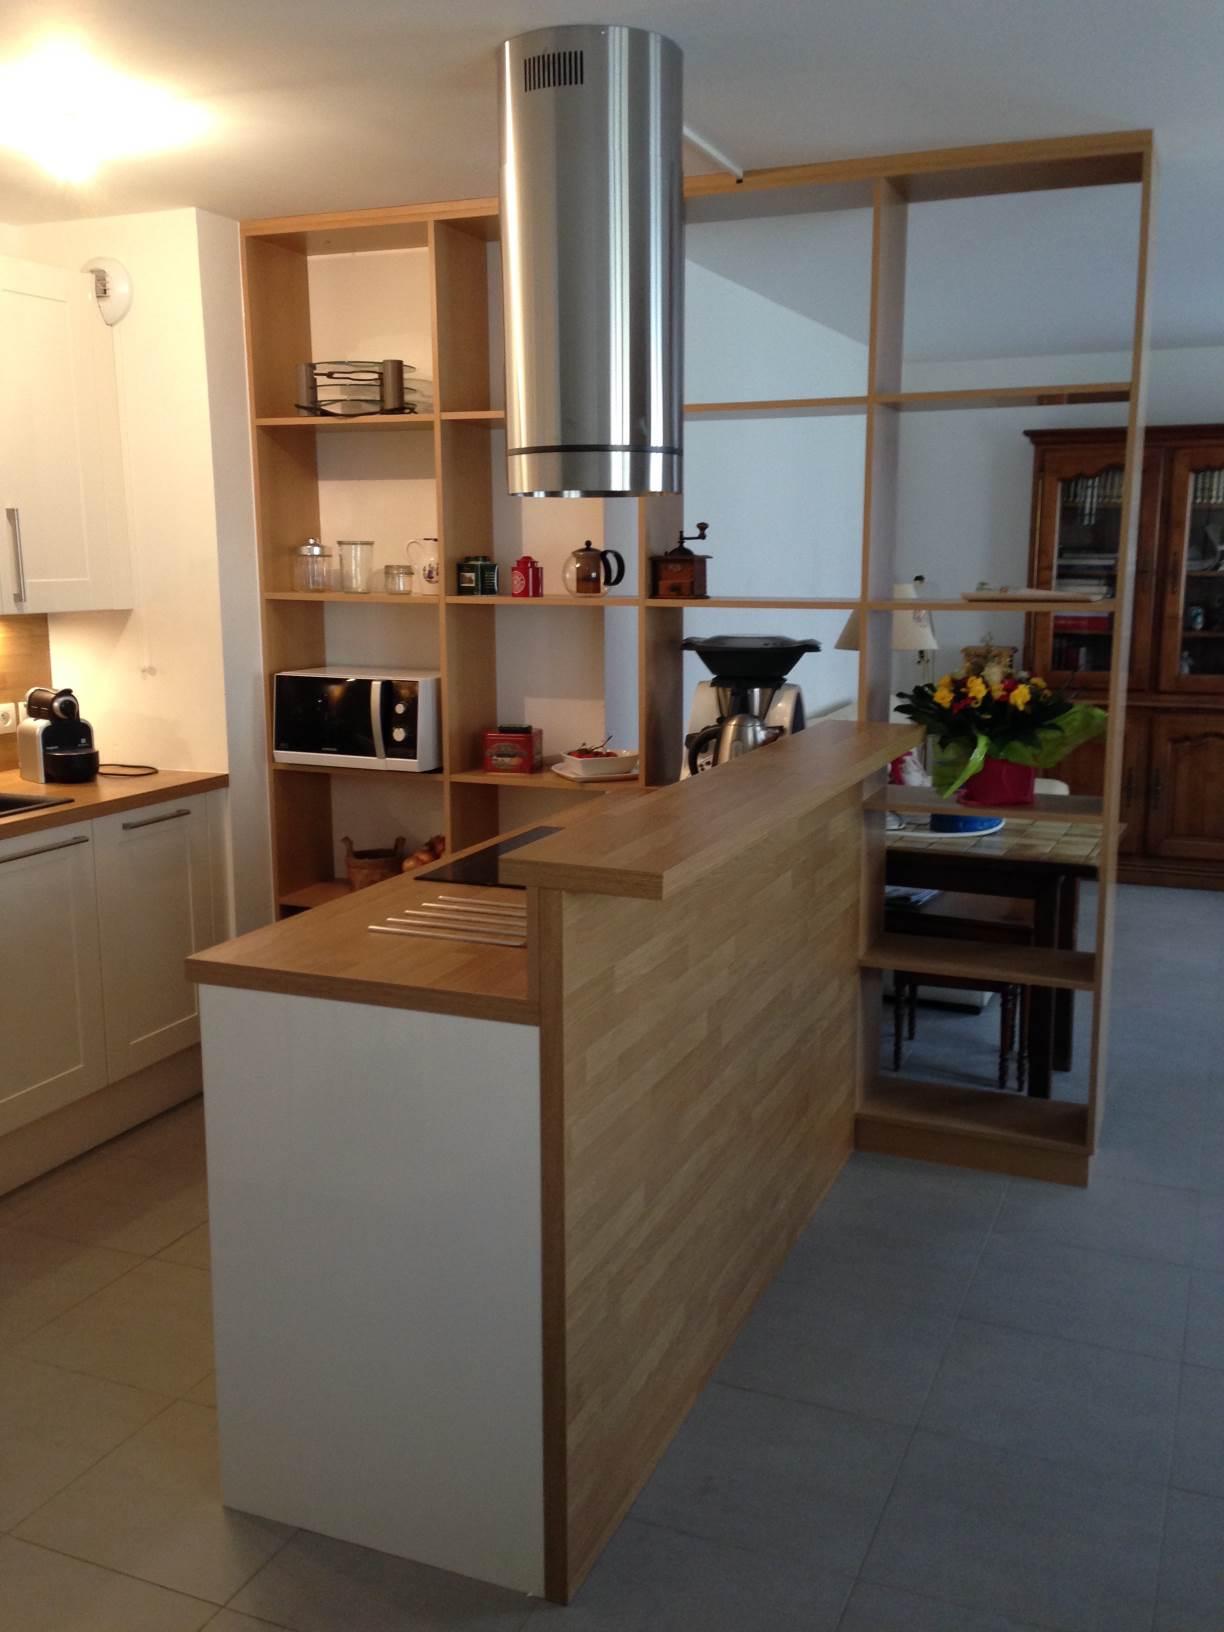 Bibliothèque intégrée créant une séparation entre cuisine et salon.